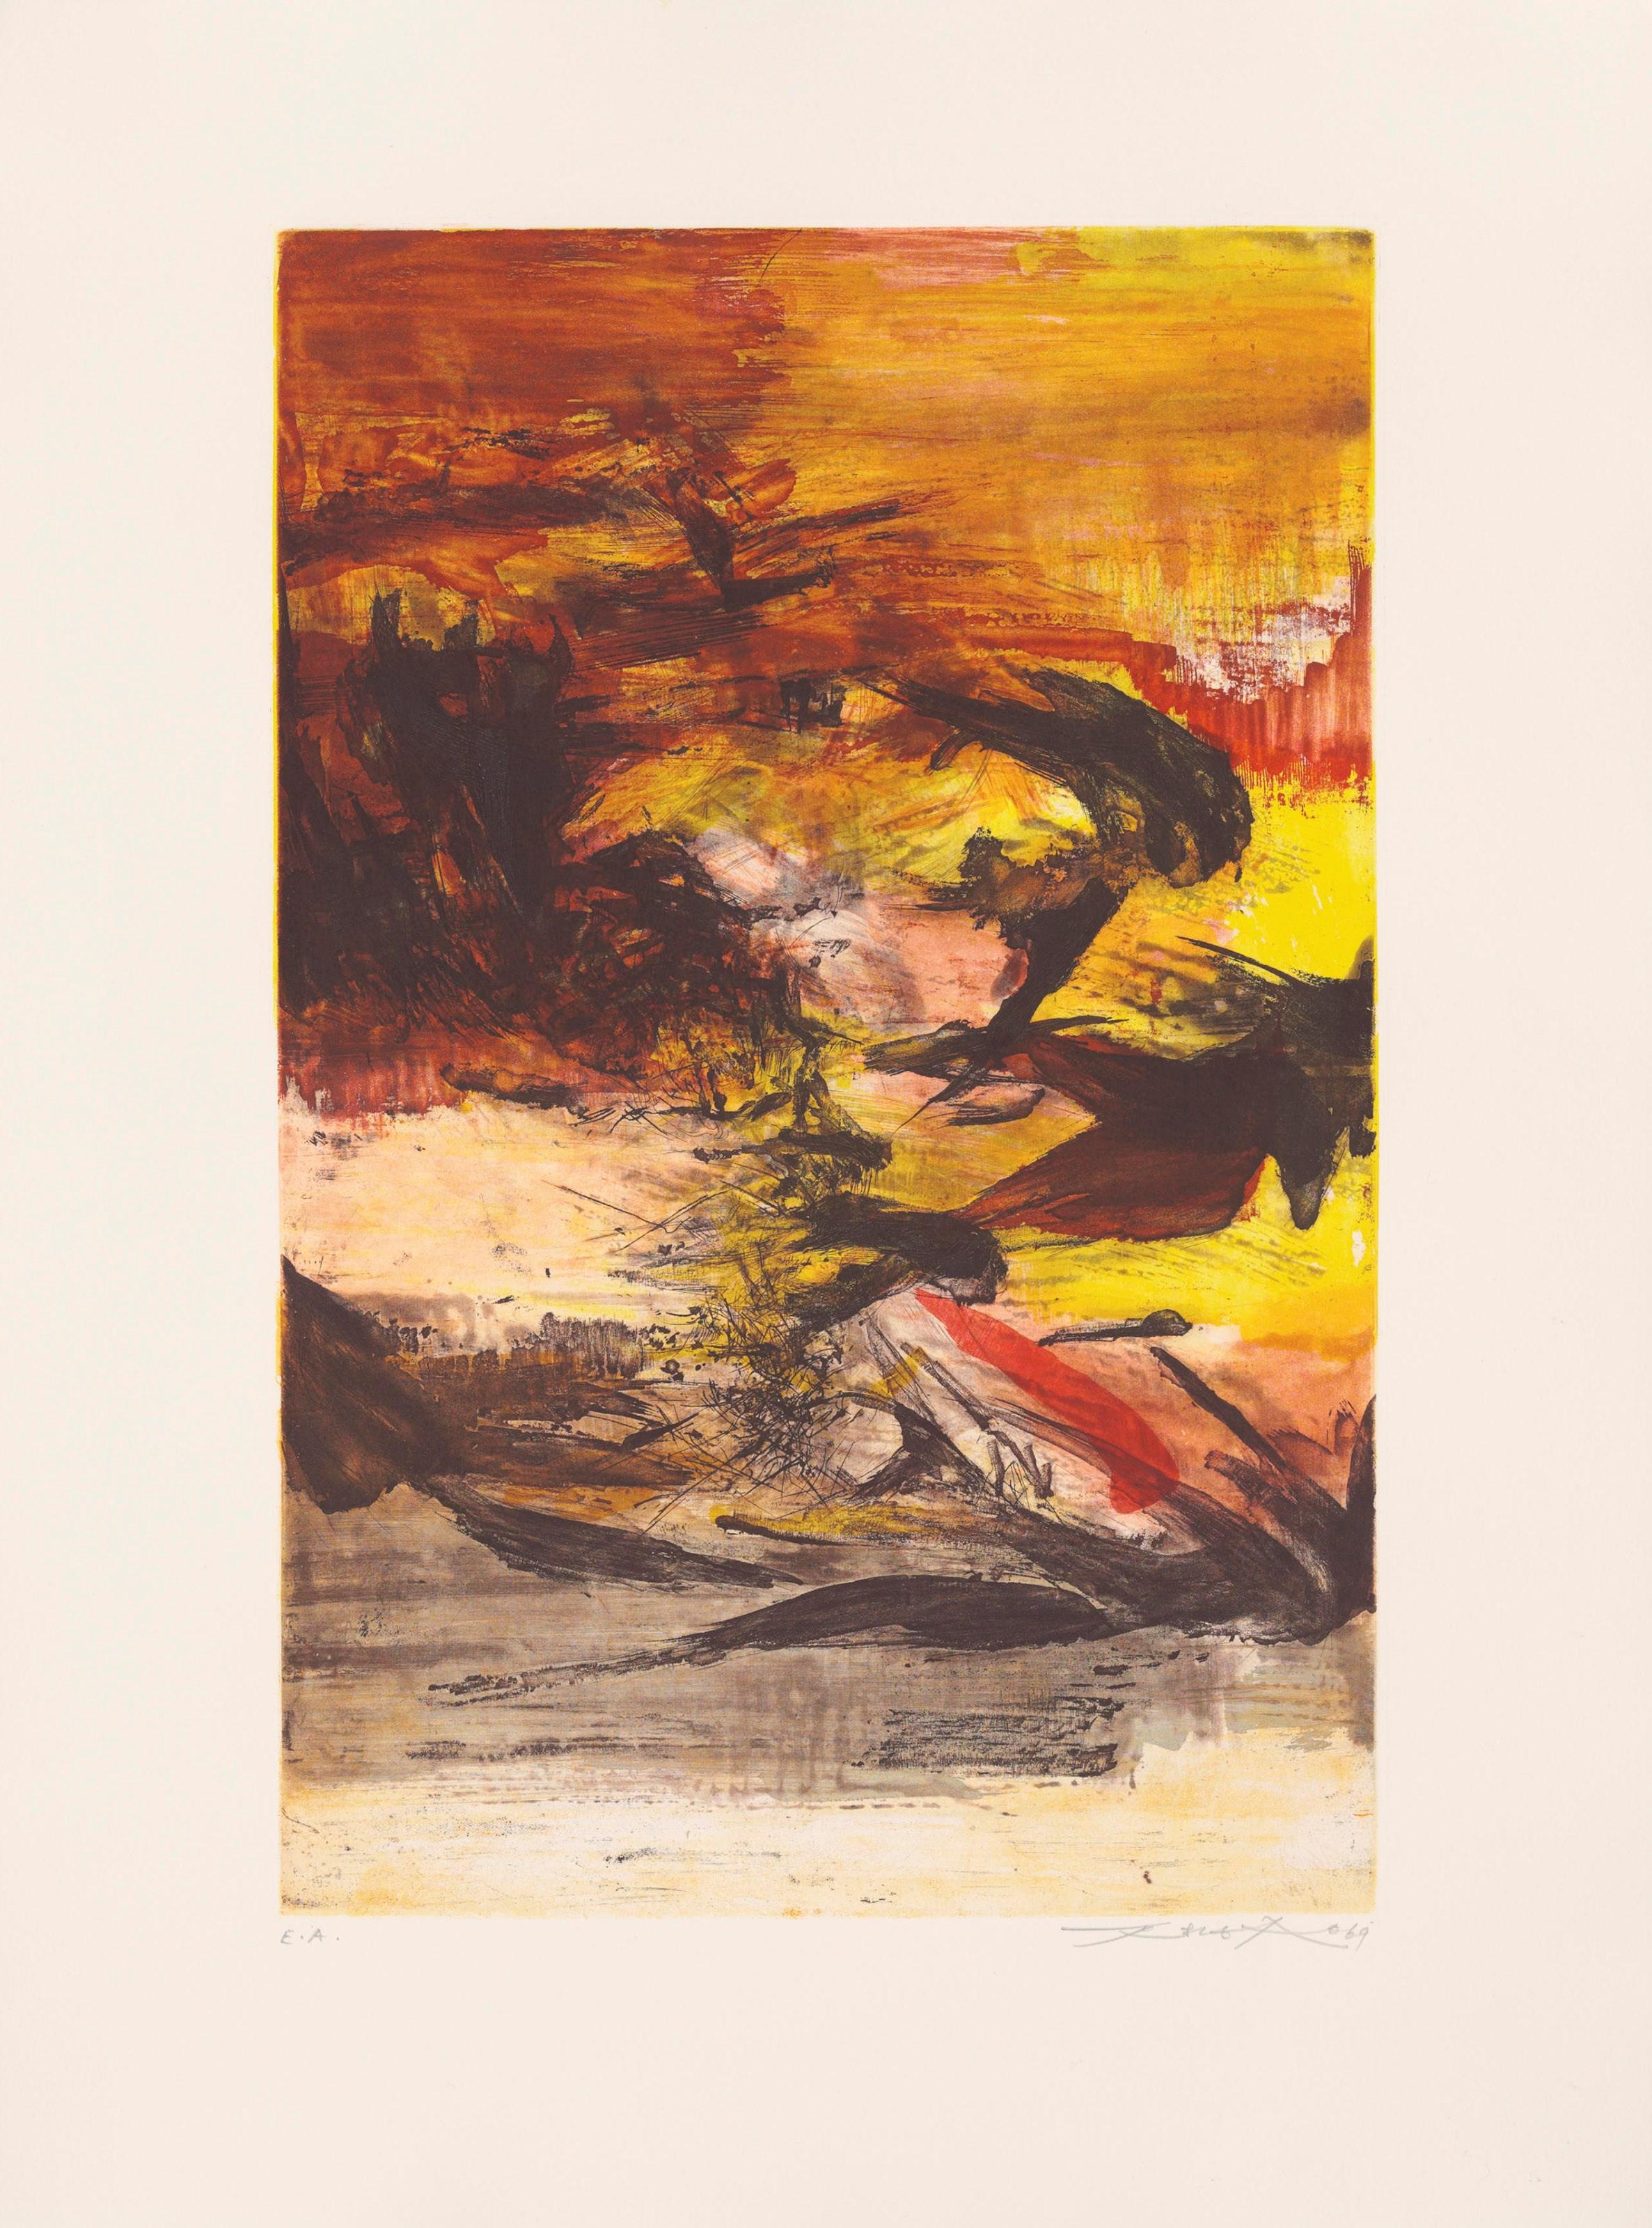 赵无极(1920-2013),《无题》,1969年作,估价:3,500-5,200英镑。拍品于2018年3月15至23日「赵无极版画及纸上作品」网上拍卖推出。